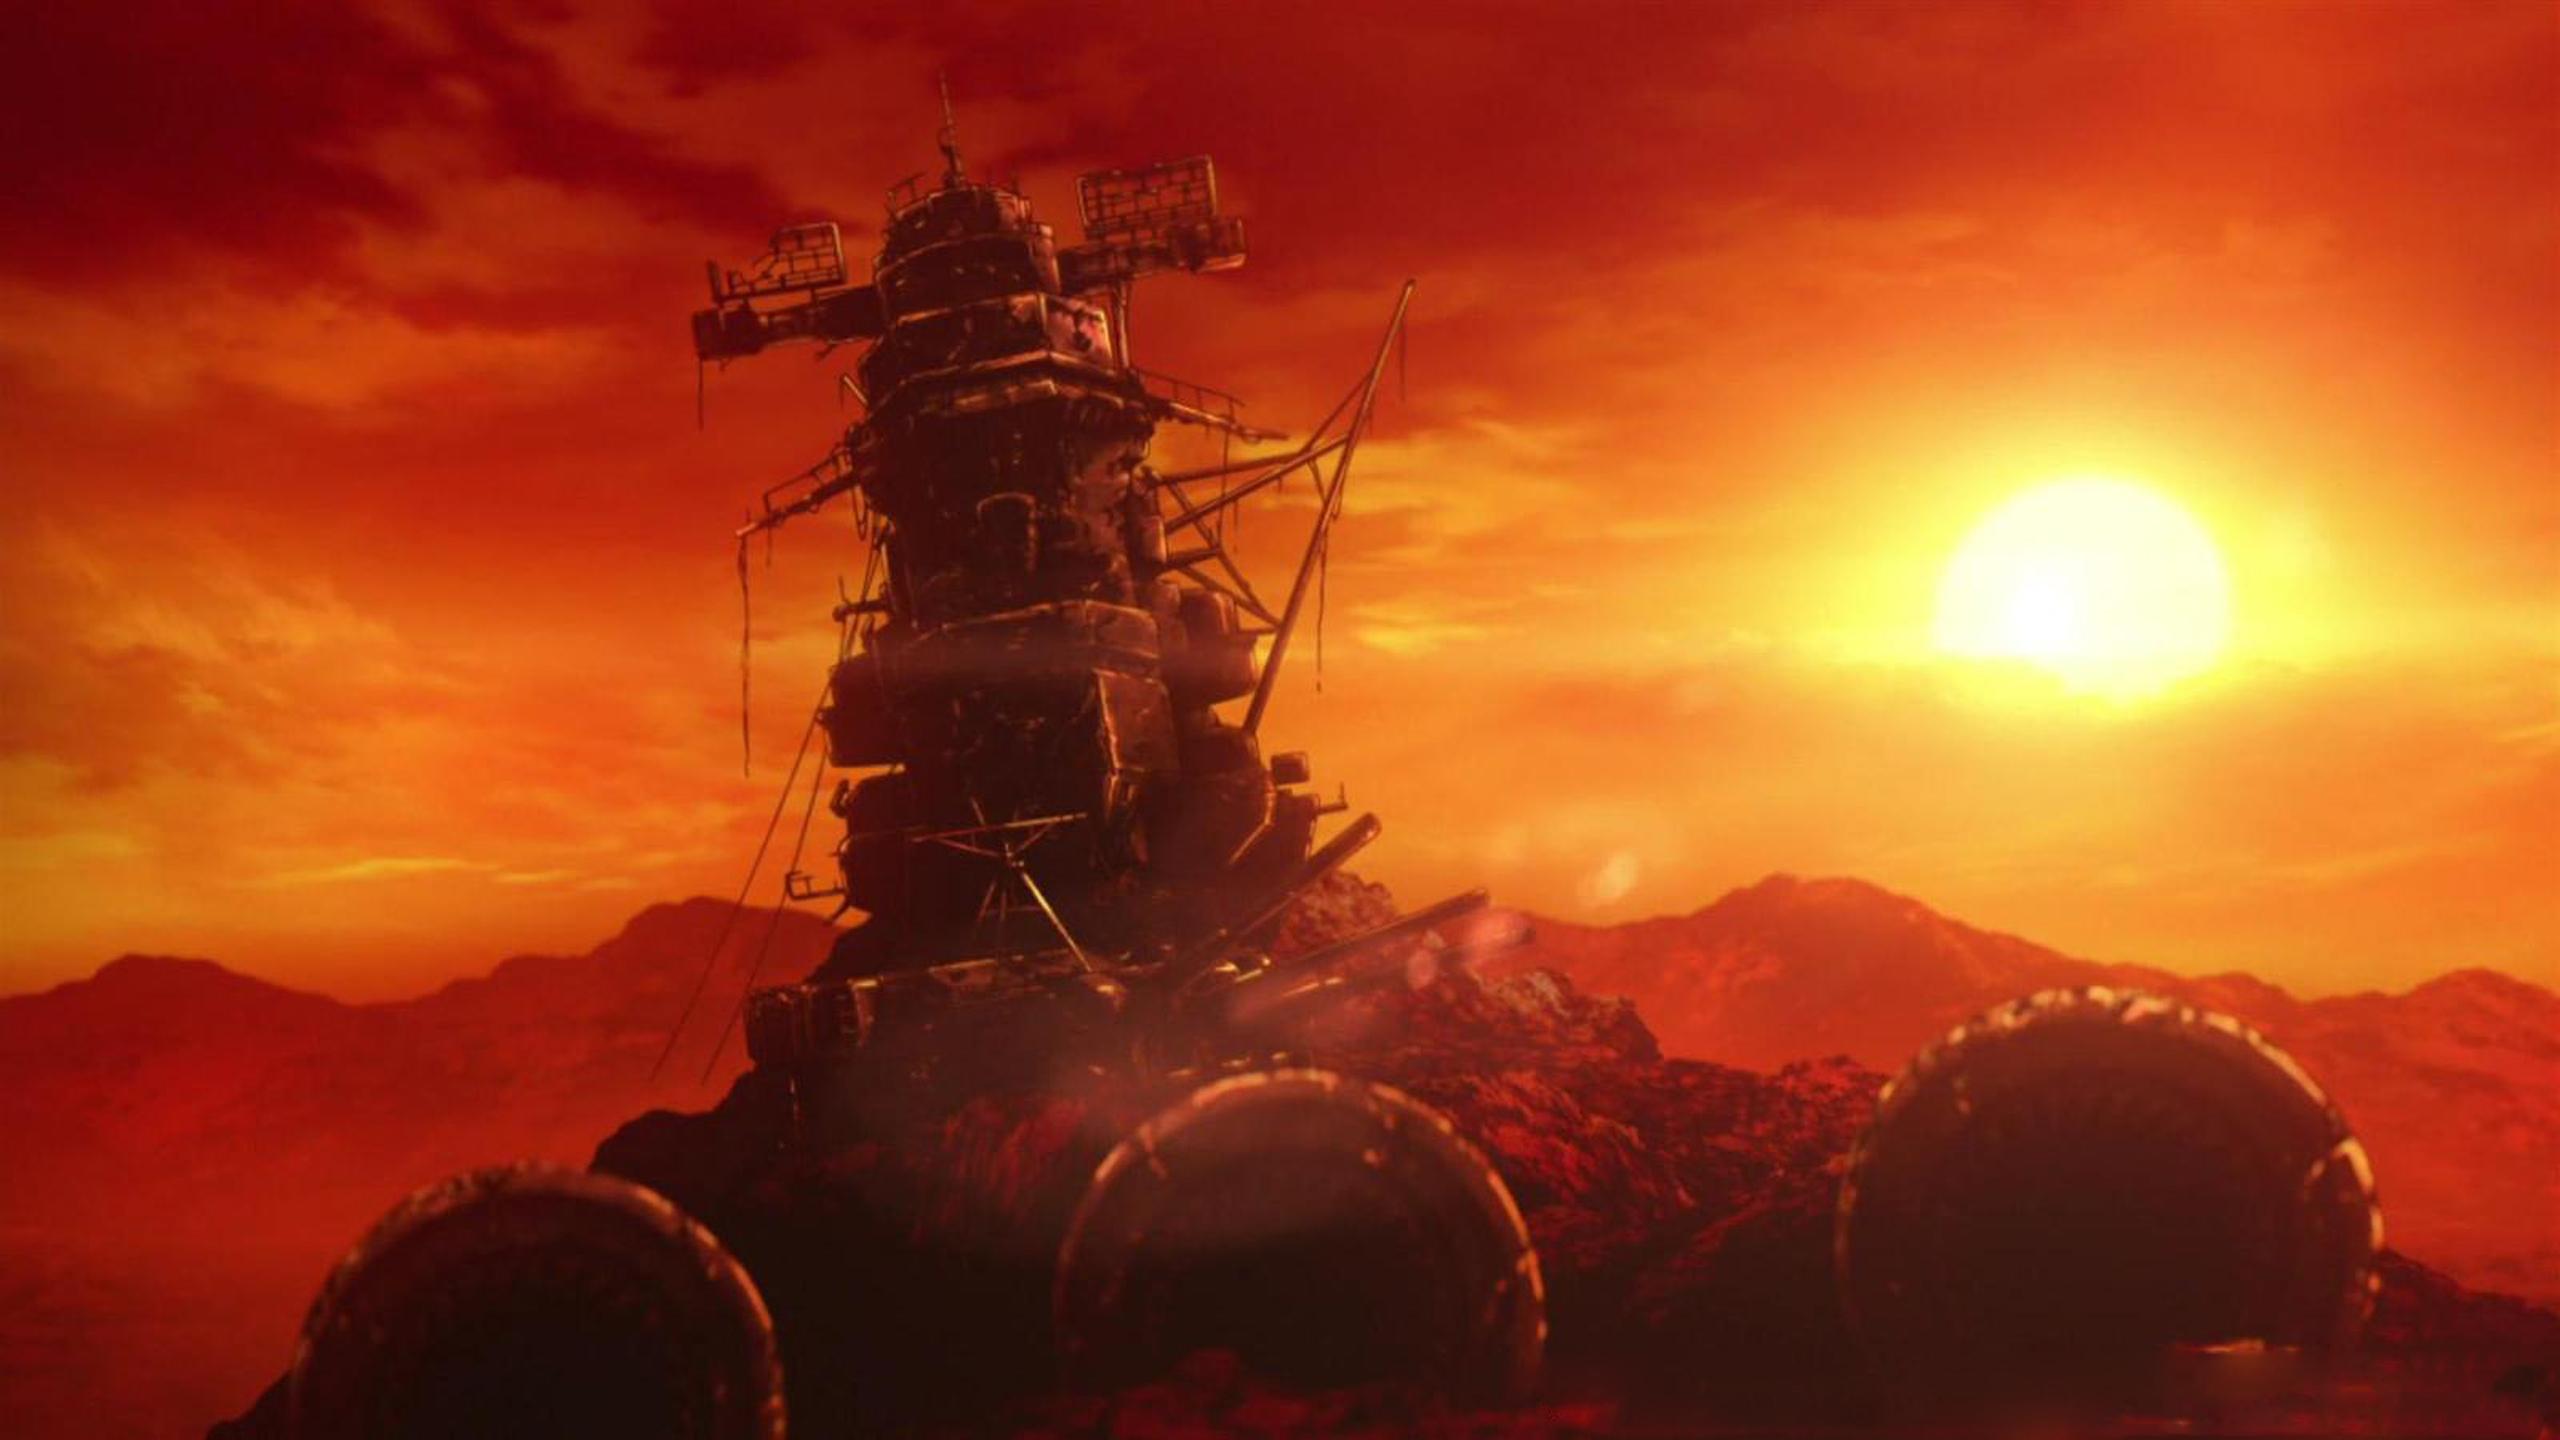 space_cruiser_YAMATO (@space_cruiser_yamato) Cover Image